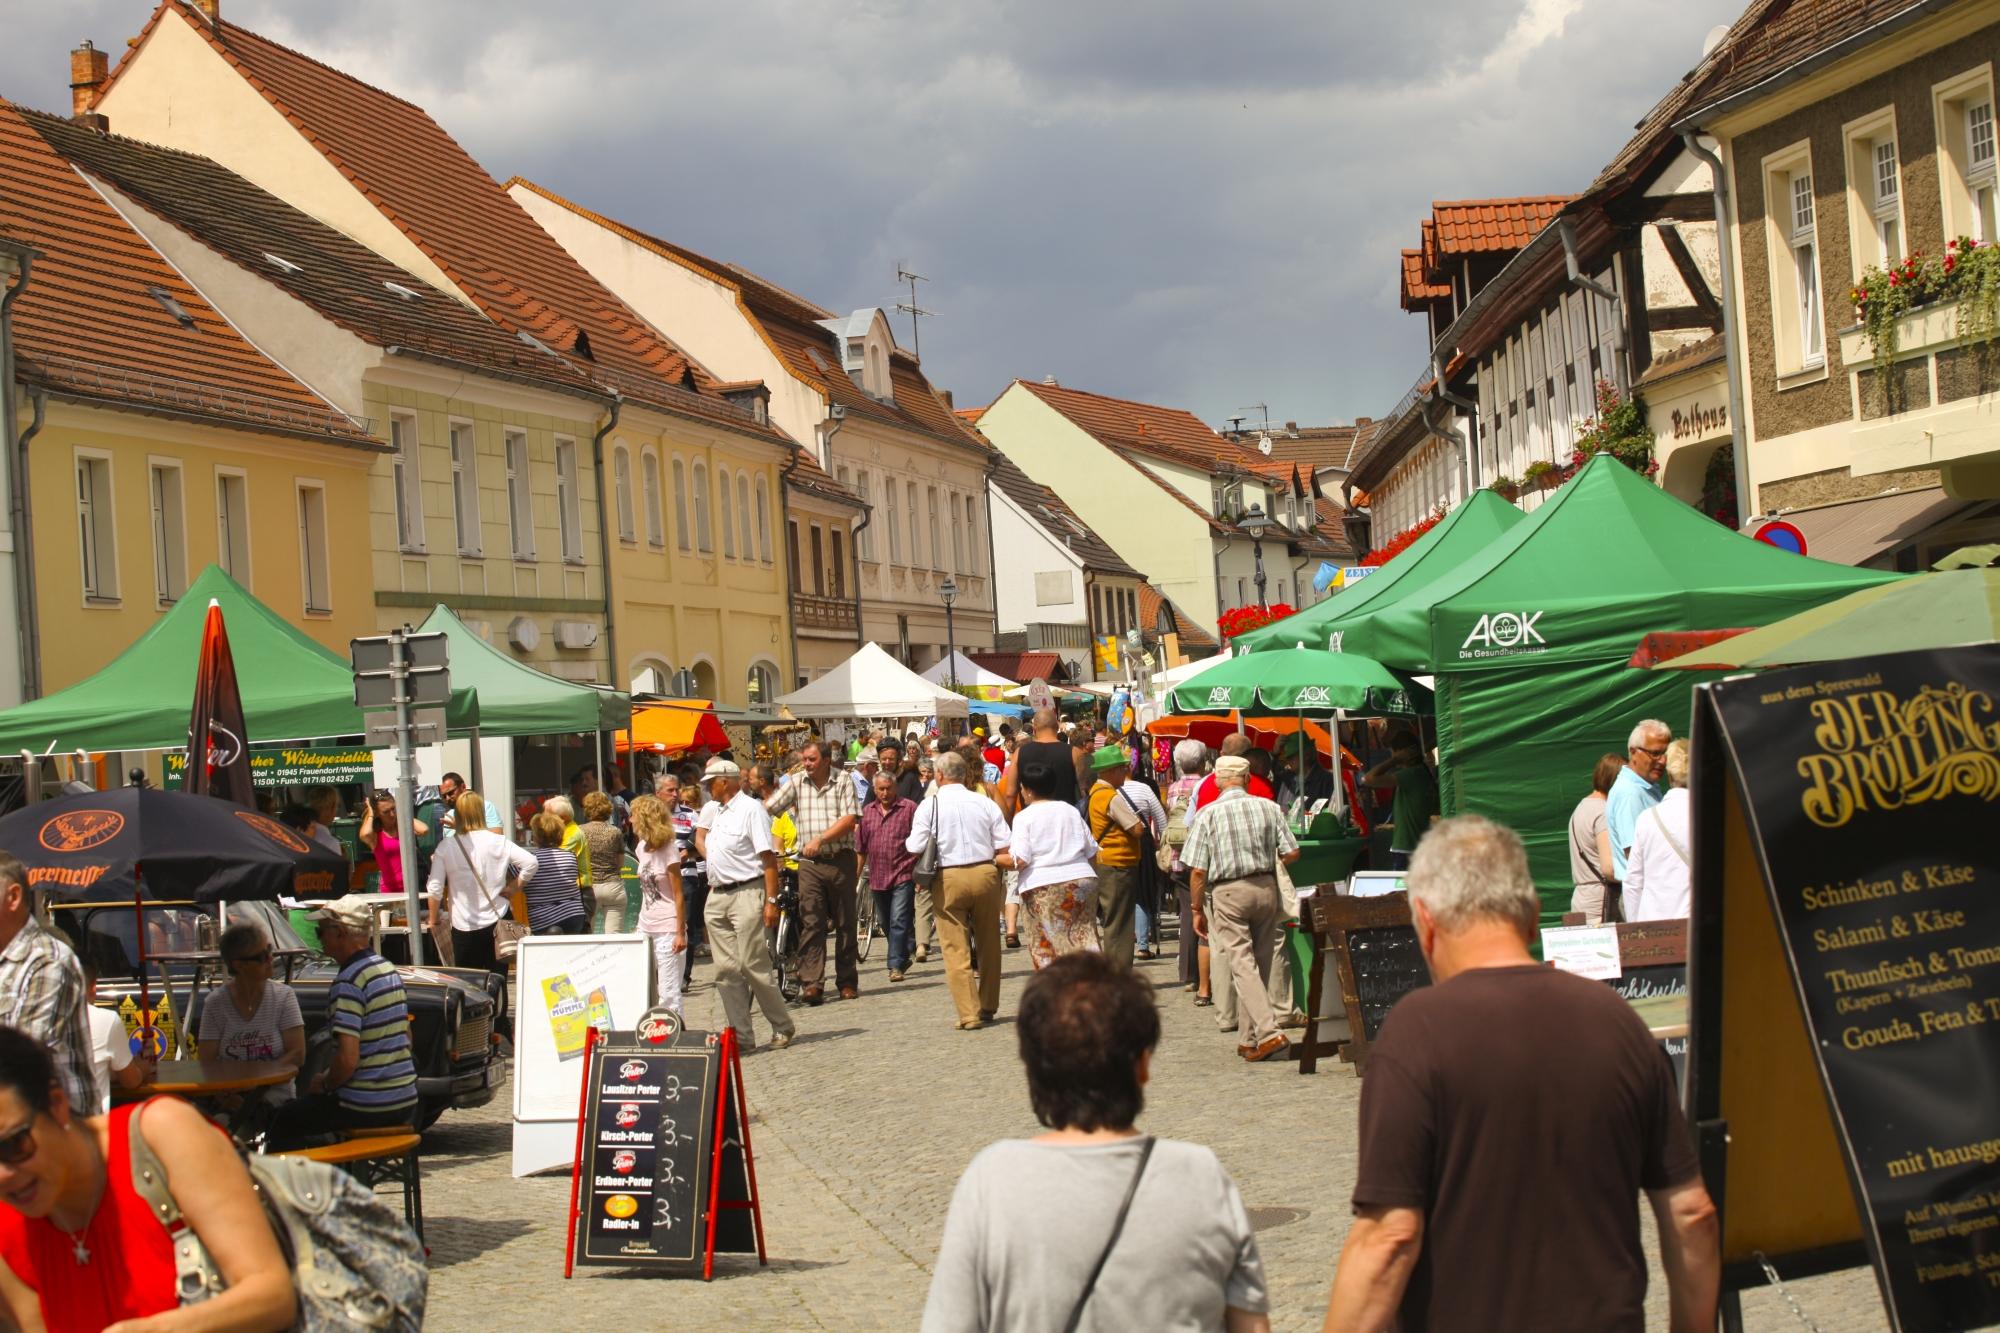 Blick in die Marktmeile beim Lübbenauer Spreewald- und Schützenfest, Foto:© Robert W. Naase (Cucumber Media)